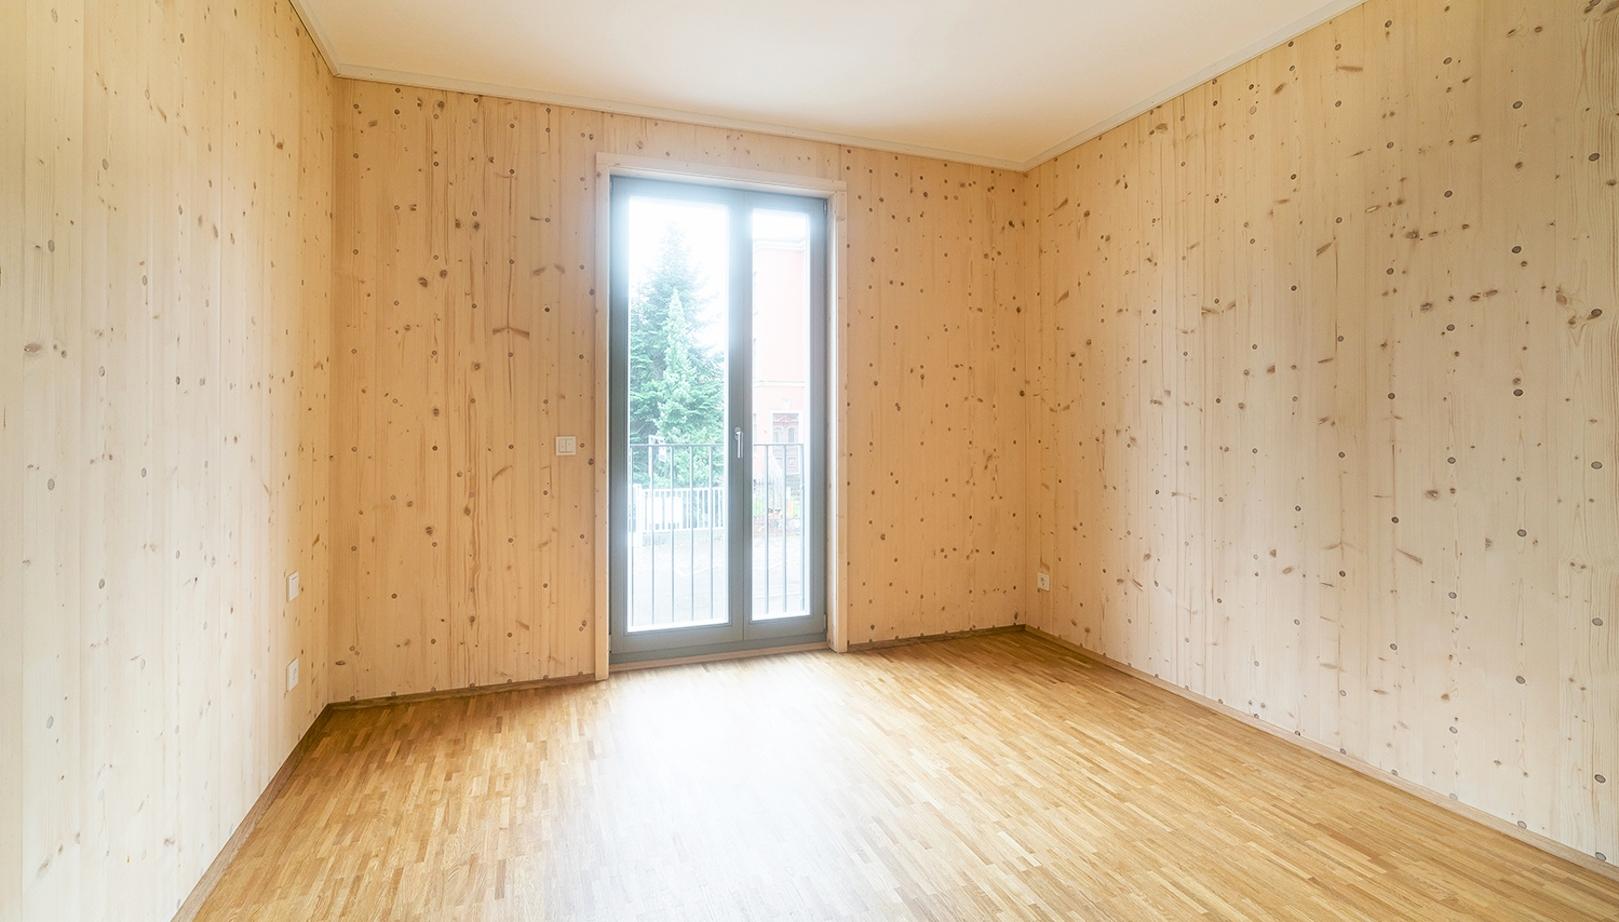 objektbau_holz100_berlin_woodfeelsgood.jpg